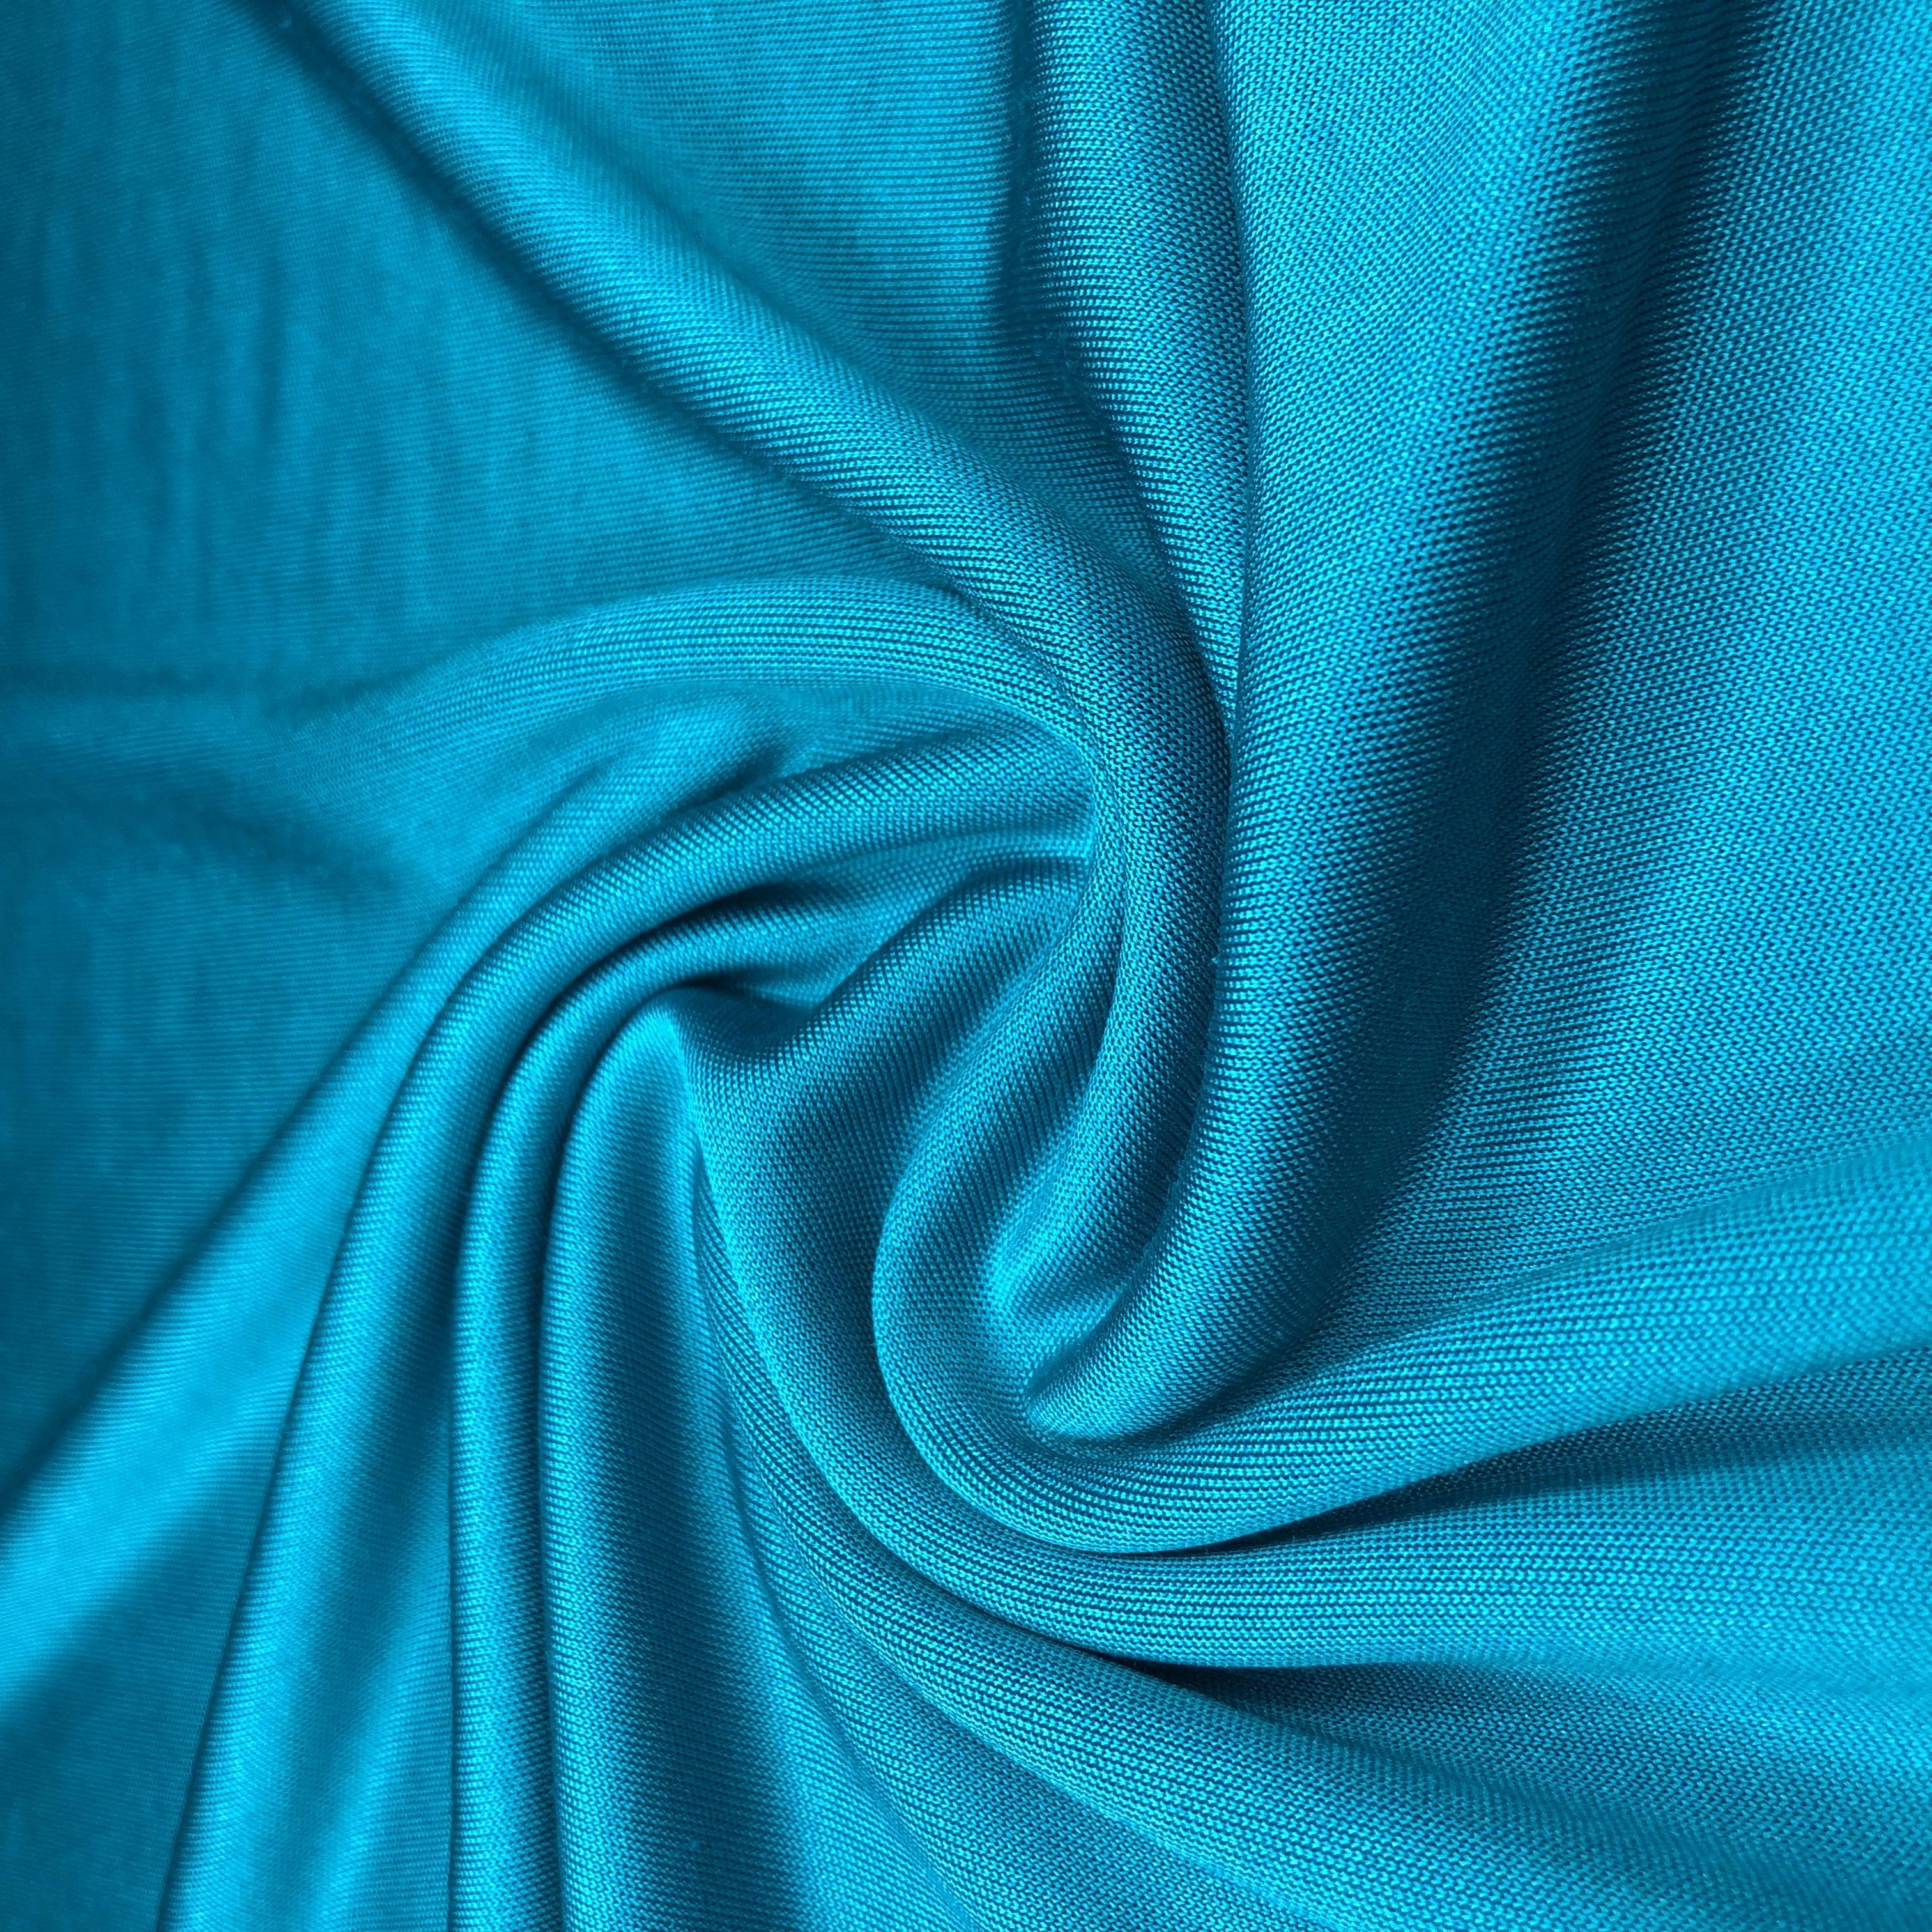 Изготовленный на заказ 100% чистый шелк тутового шелкопряда простая ткань для нижнего белья